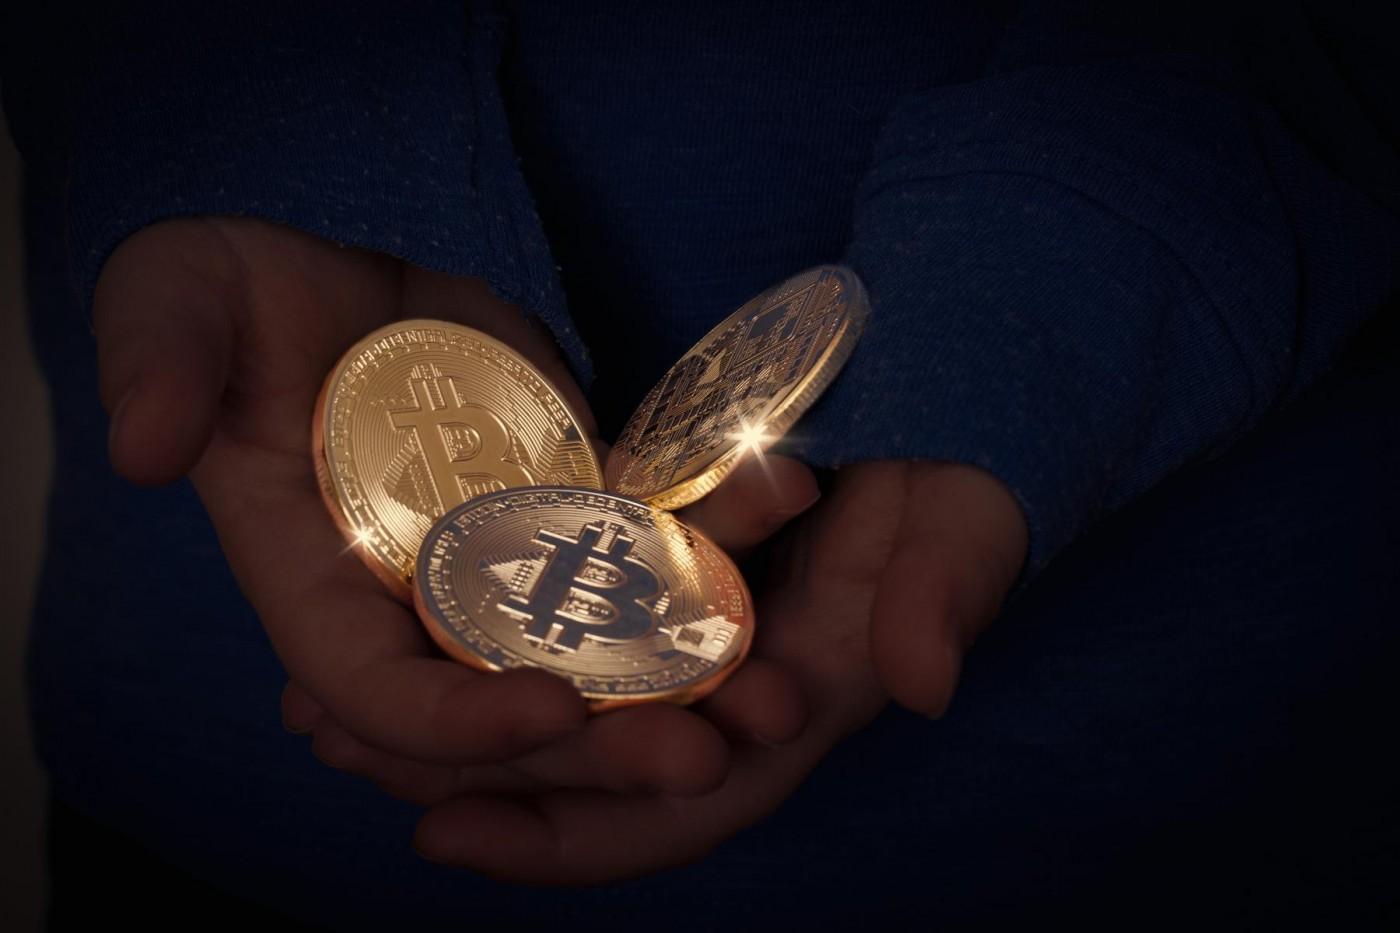 不畏比特幣價格狂跌,重量級創投a16z成立3億美元密碼貨幣投資基金